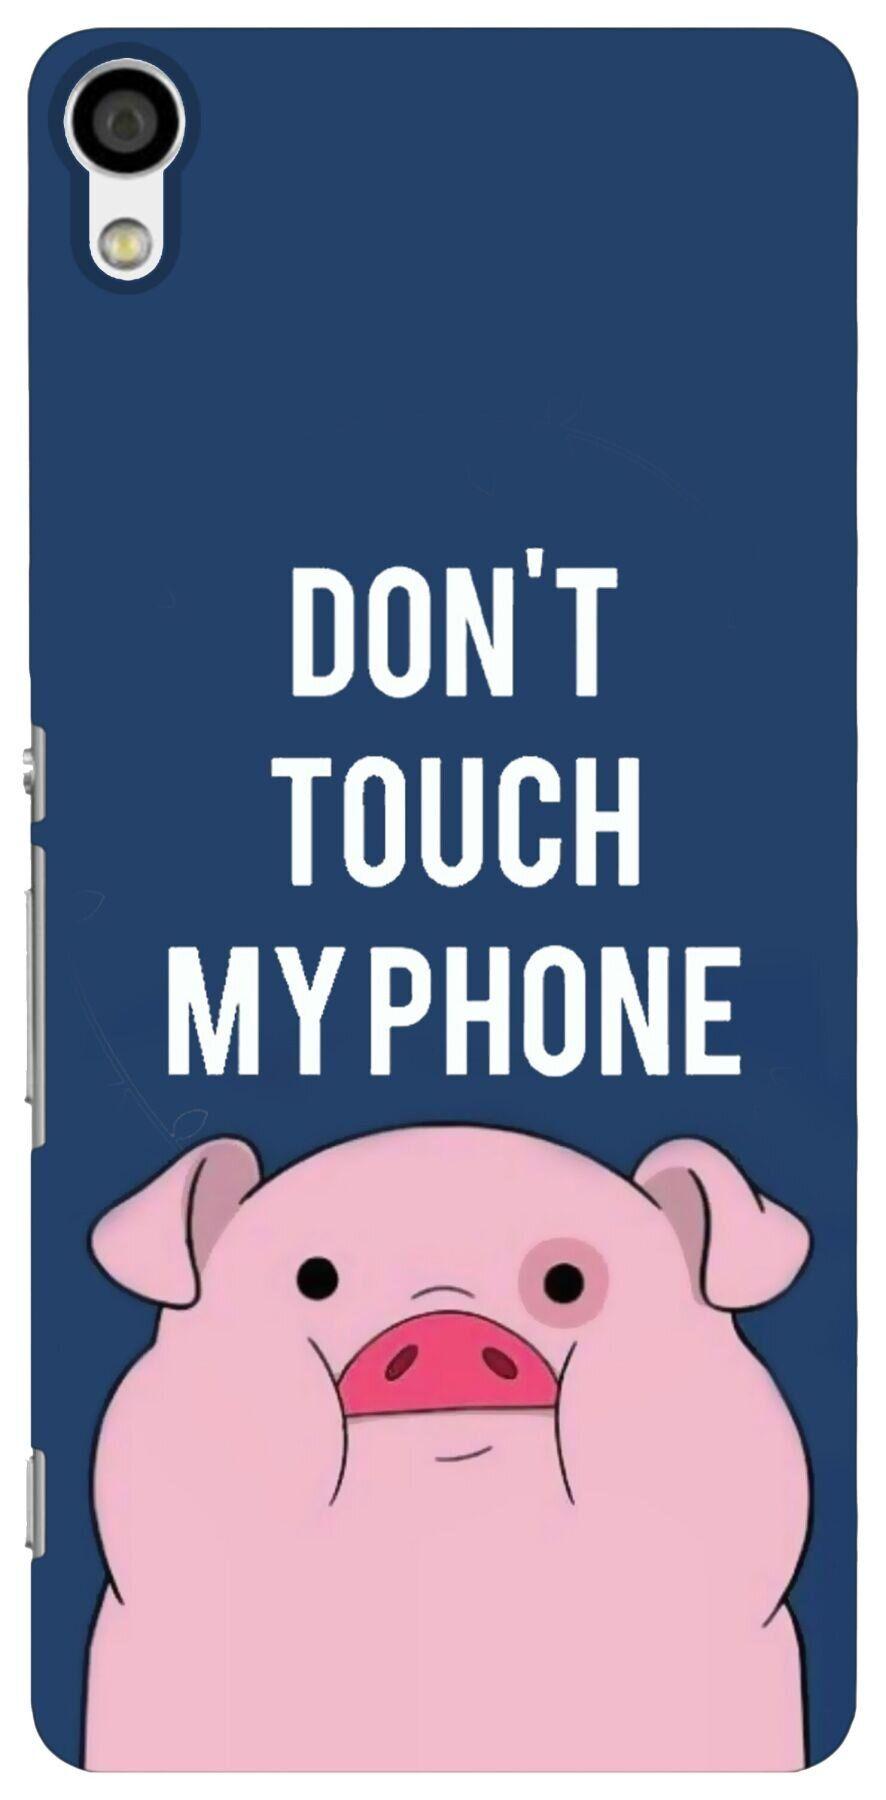 картинки не трожь мой телефон помощью